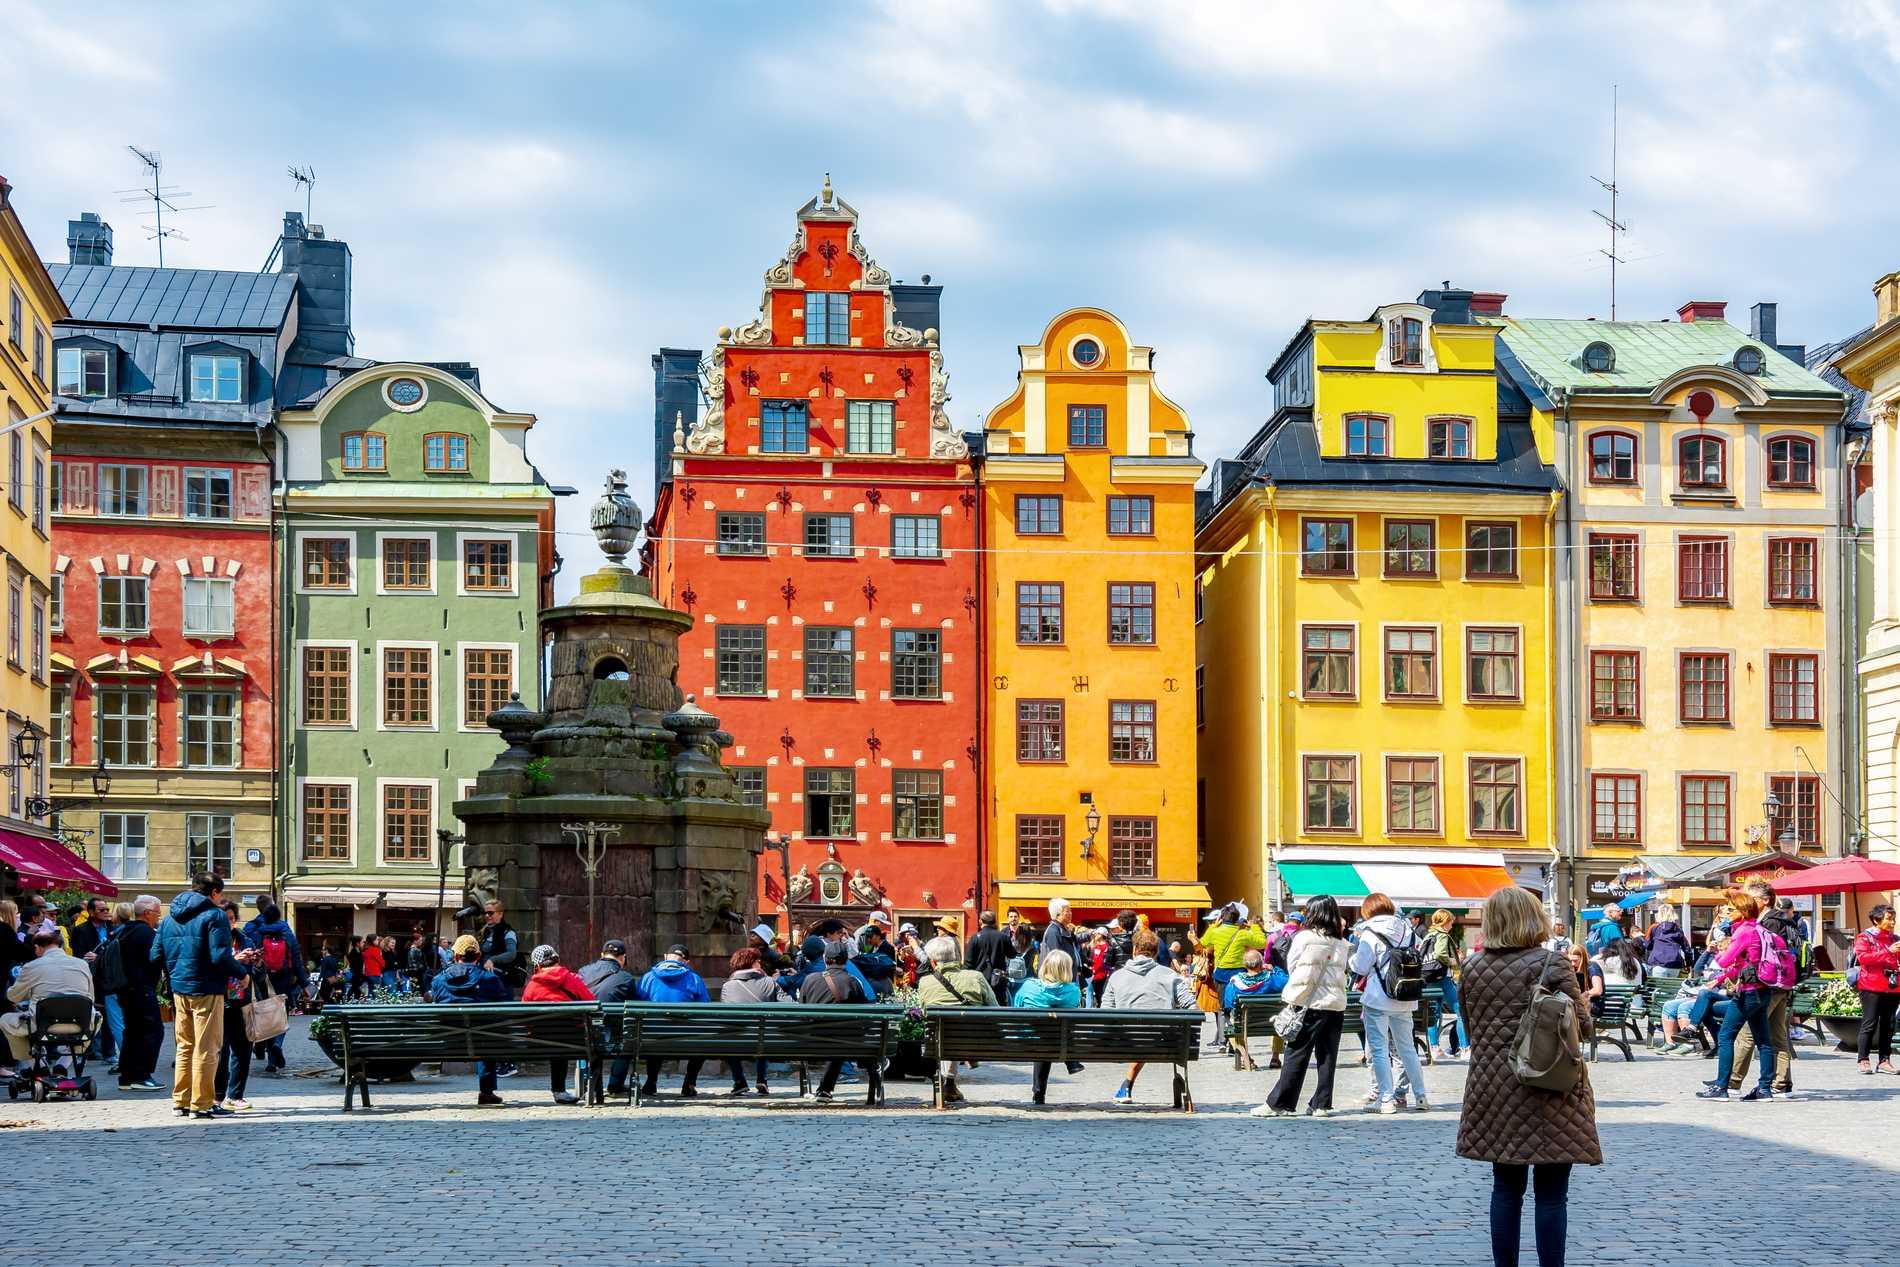 Lottie Knutson ser Gamla stan som en riskzon för överturism.